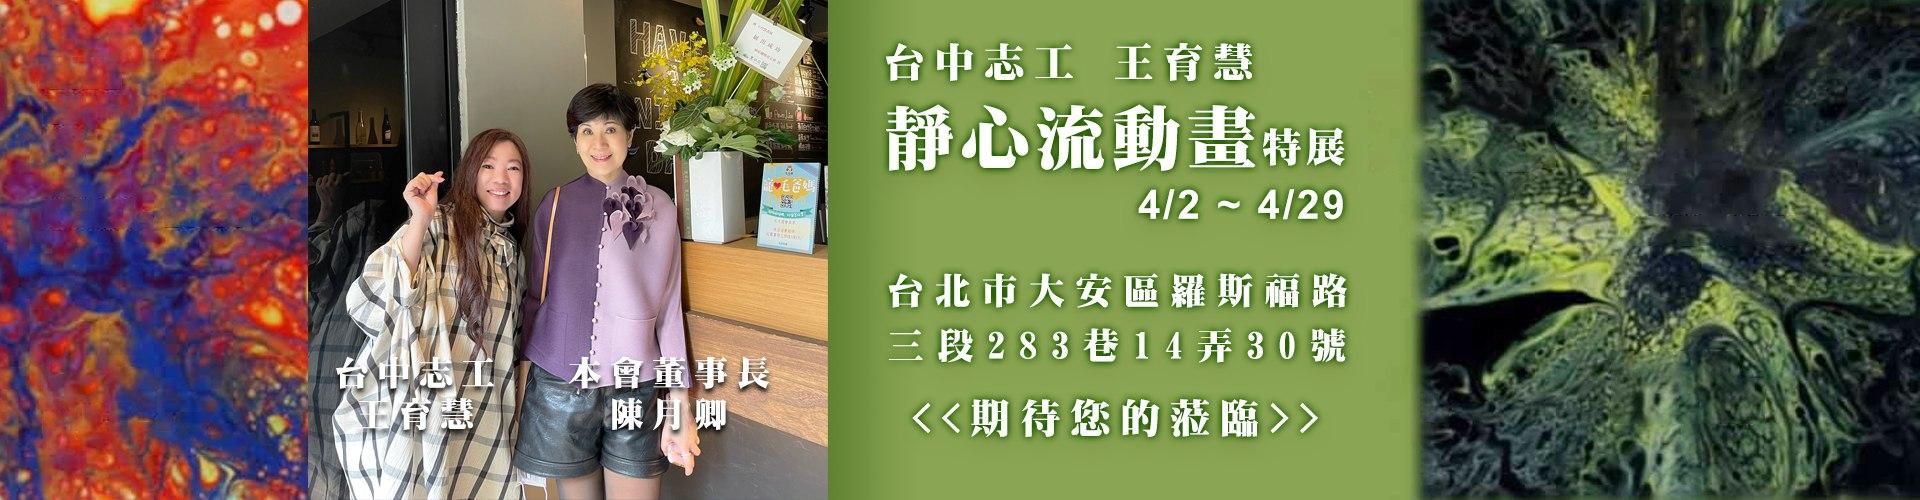 癌症關懷基金會台中志工 王育慧 將在2021/4/2~4/29展出靜心流動畫特展。